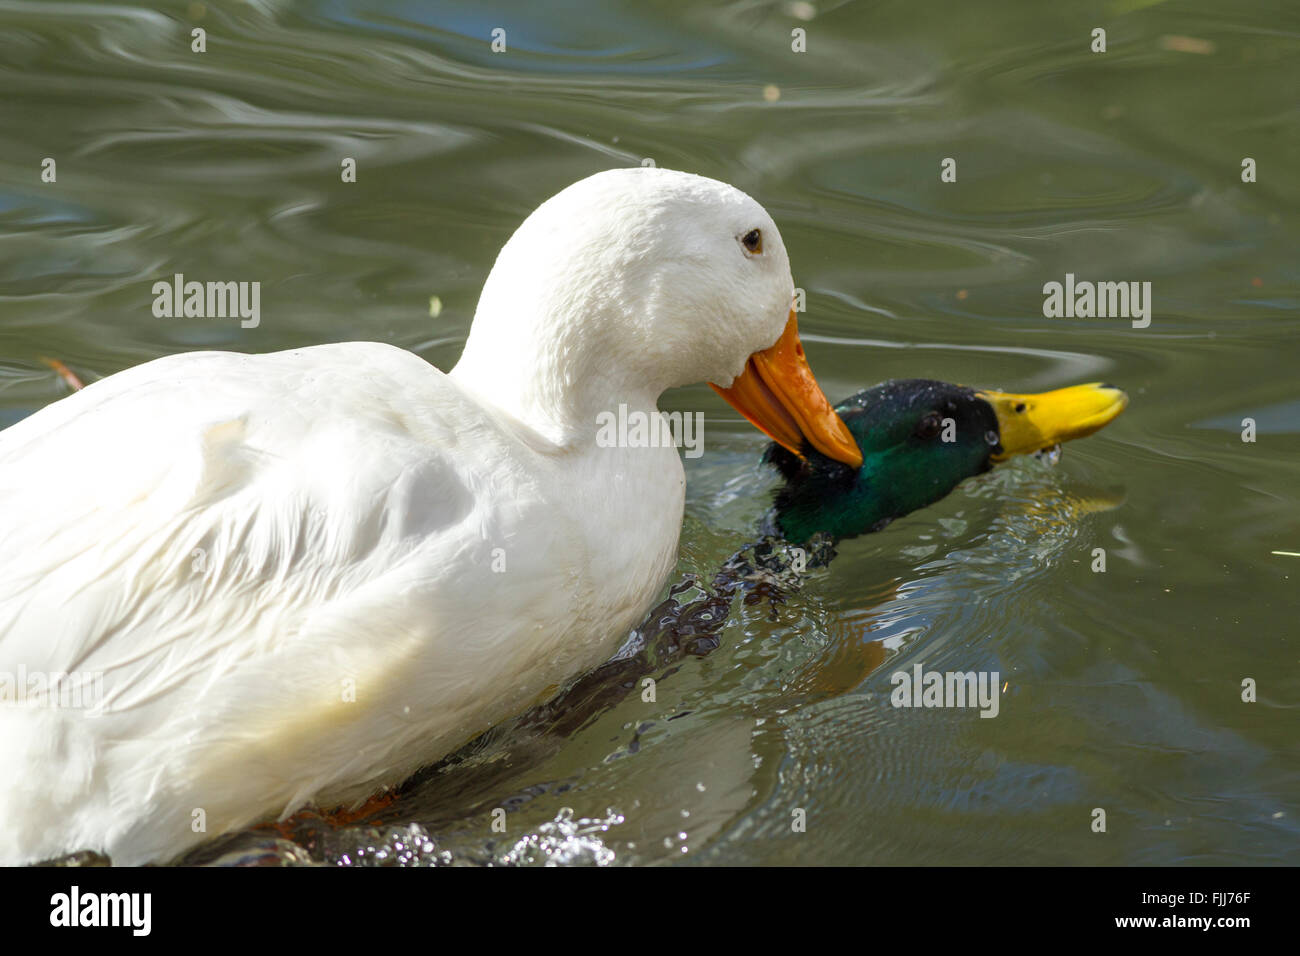 Pekin duck tries to drown mallard. - Stock Image